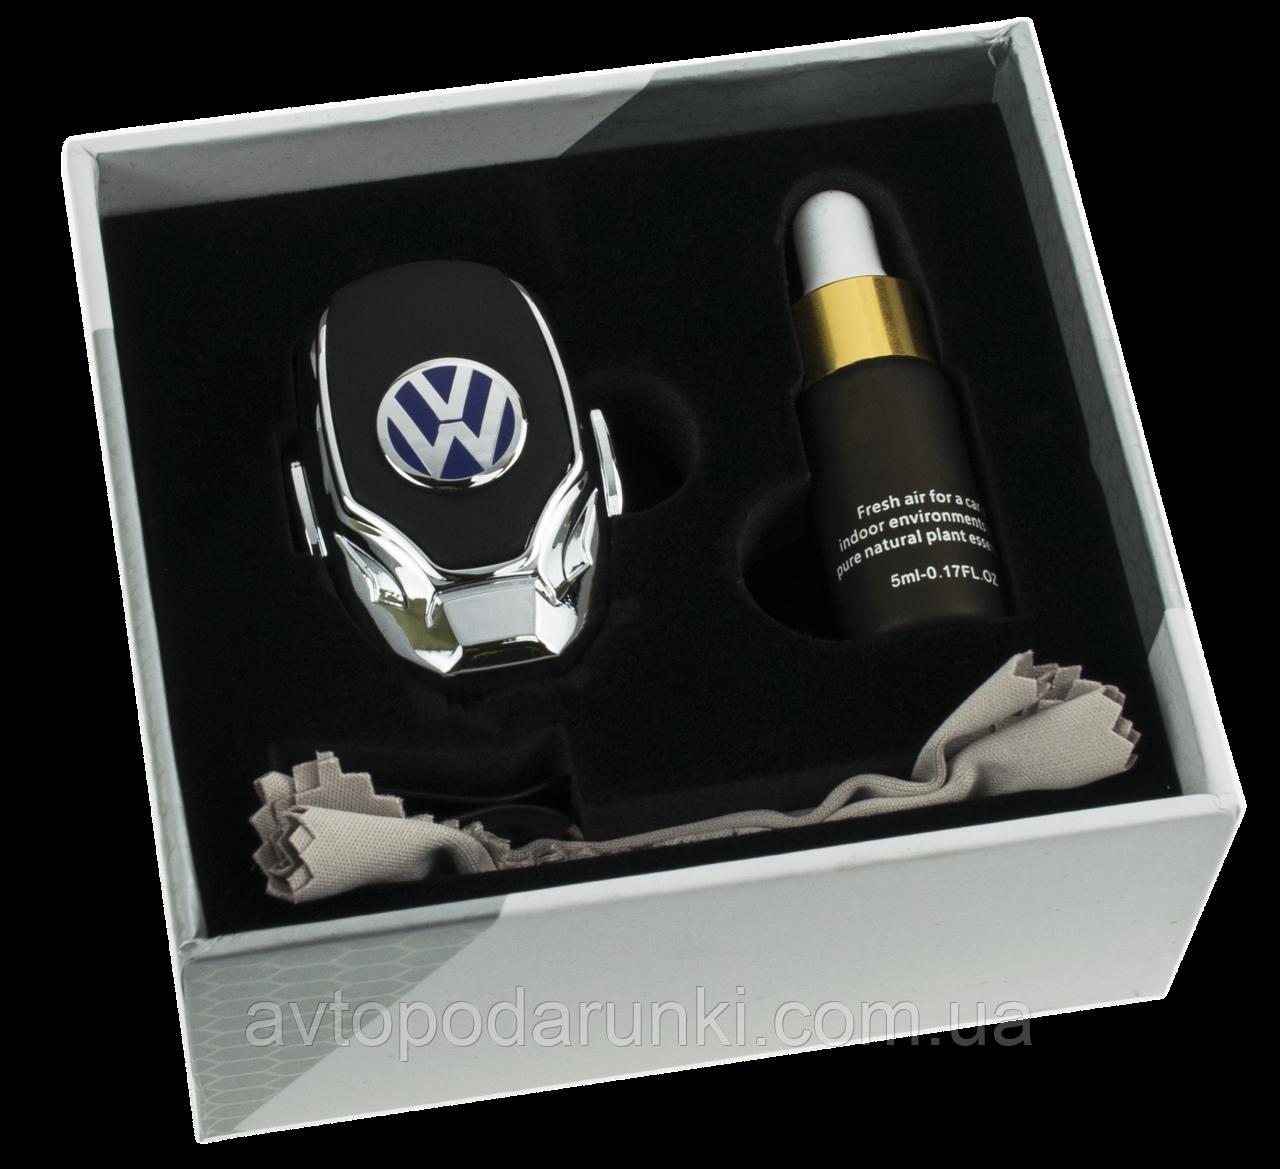 Ароматизатор для автомобиля с логотипом  VOLKSWAGEN (Крепление на решетку, парфюмерная отдушка 5мл, салфетка,